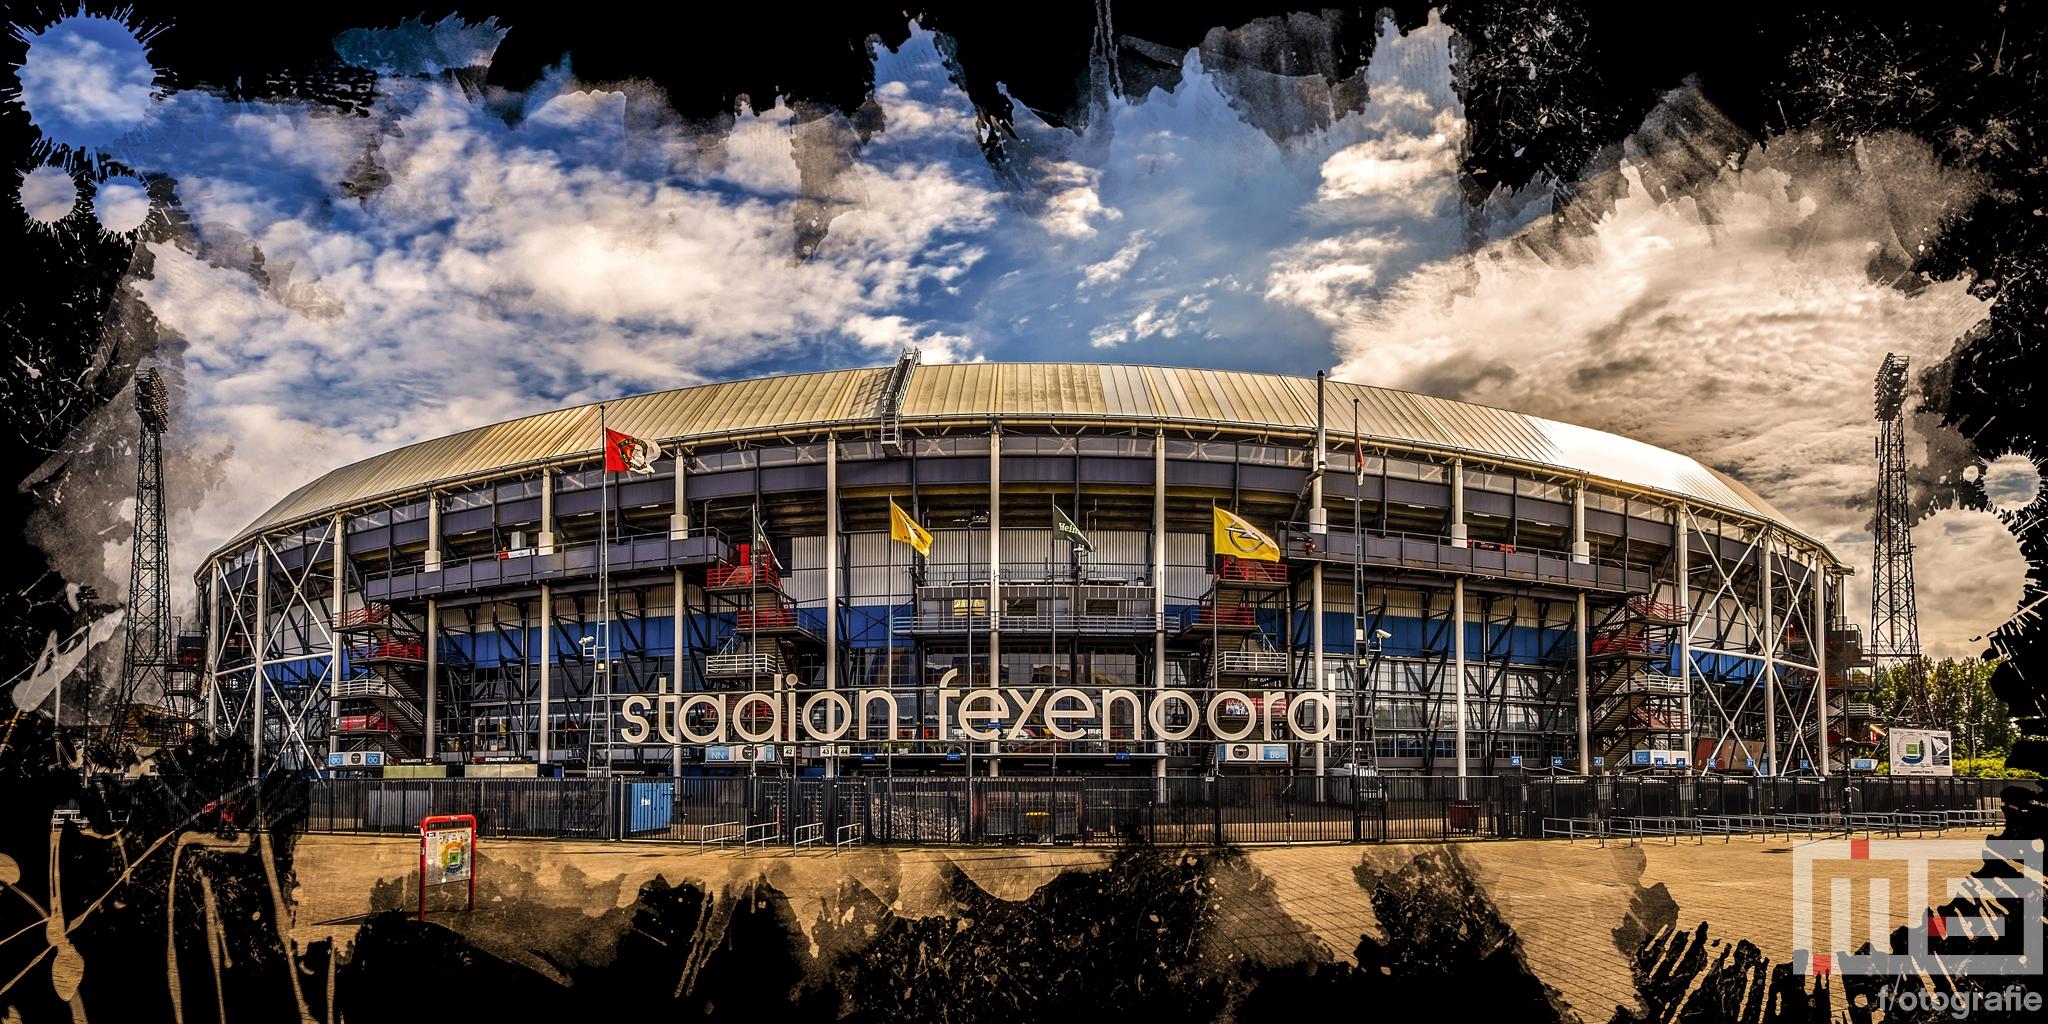 Te Koop   Het Feyenoord Art Stadion De Kuip in Rotterdam in kleur zwart